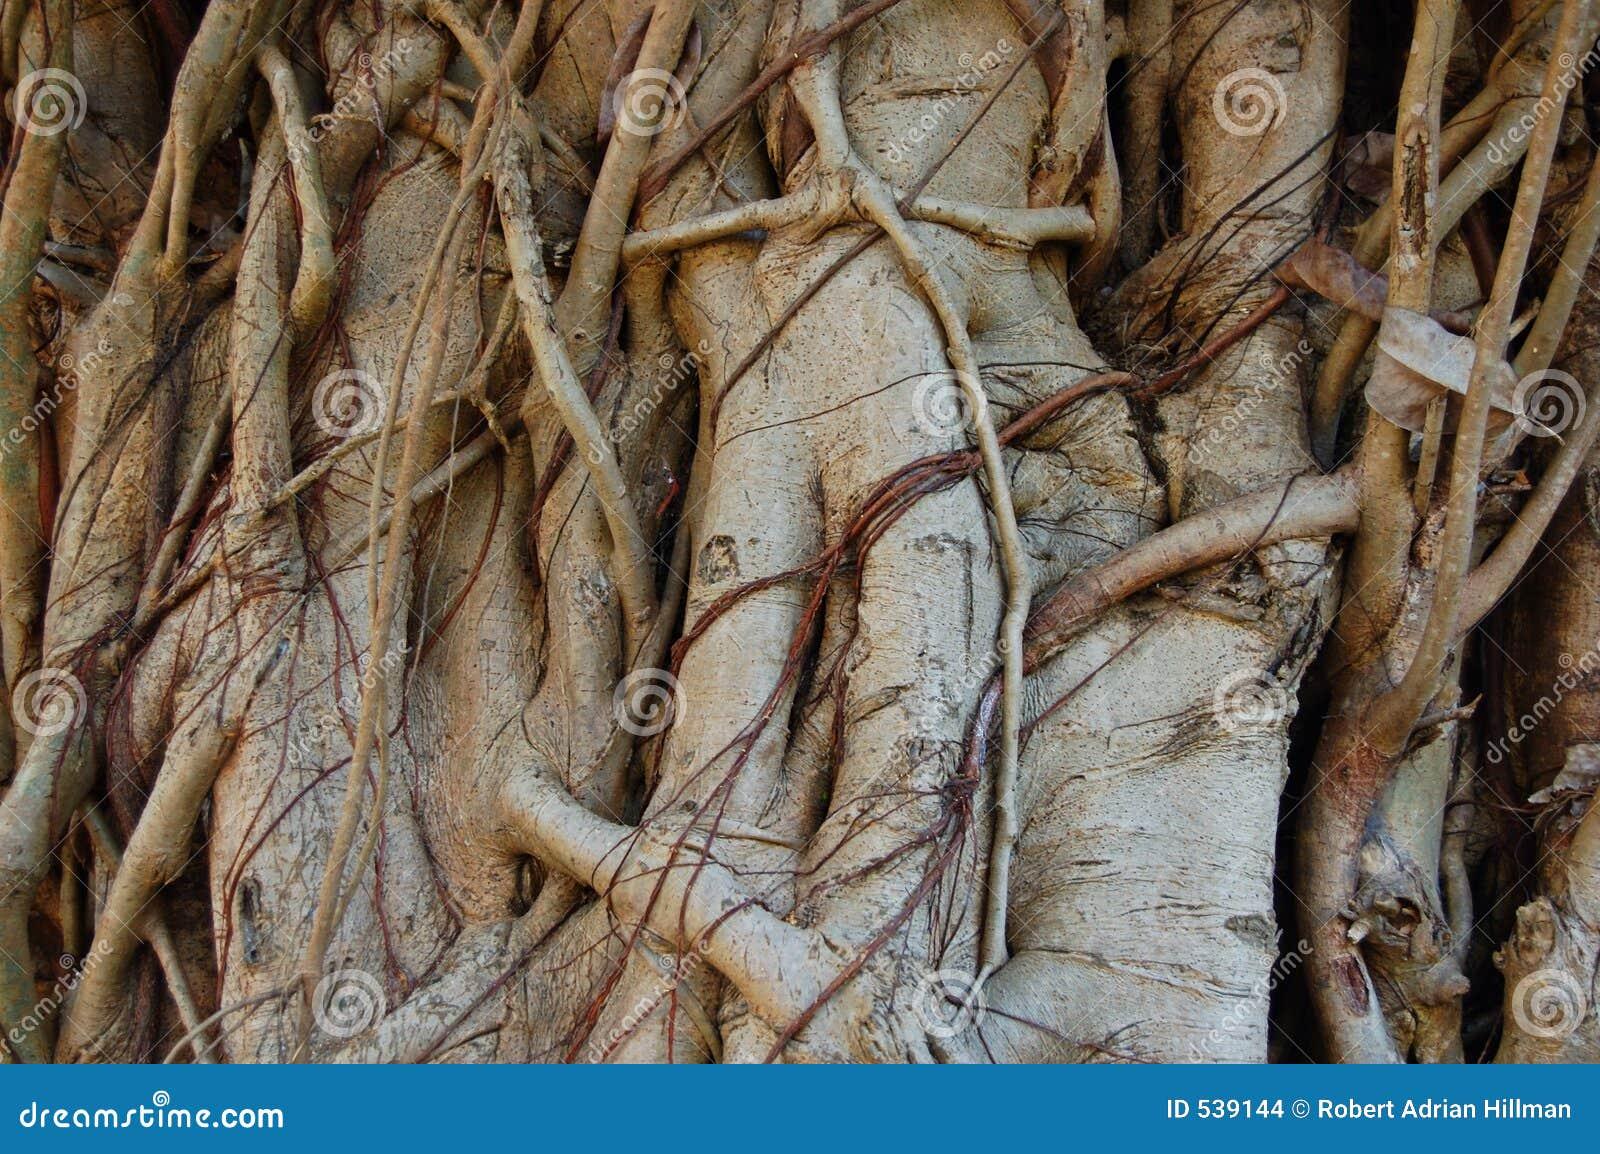 Figo Tangled